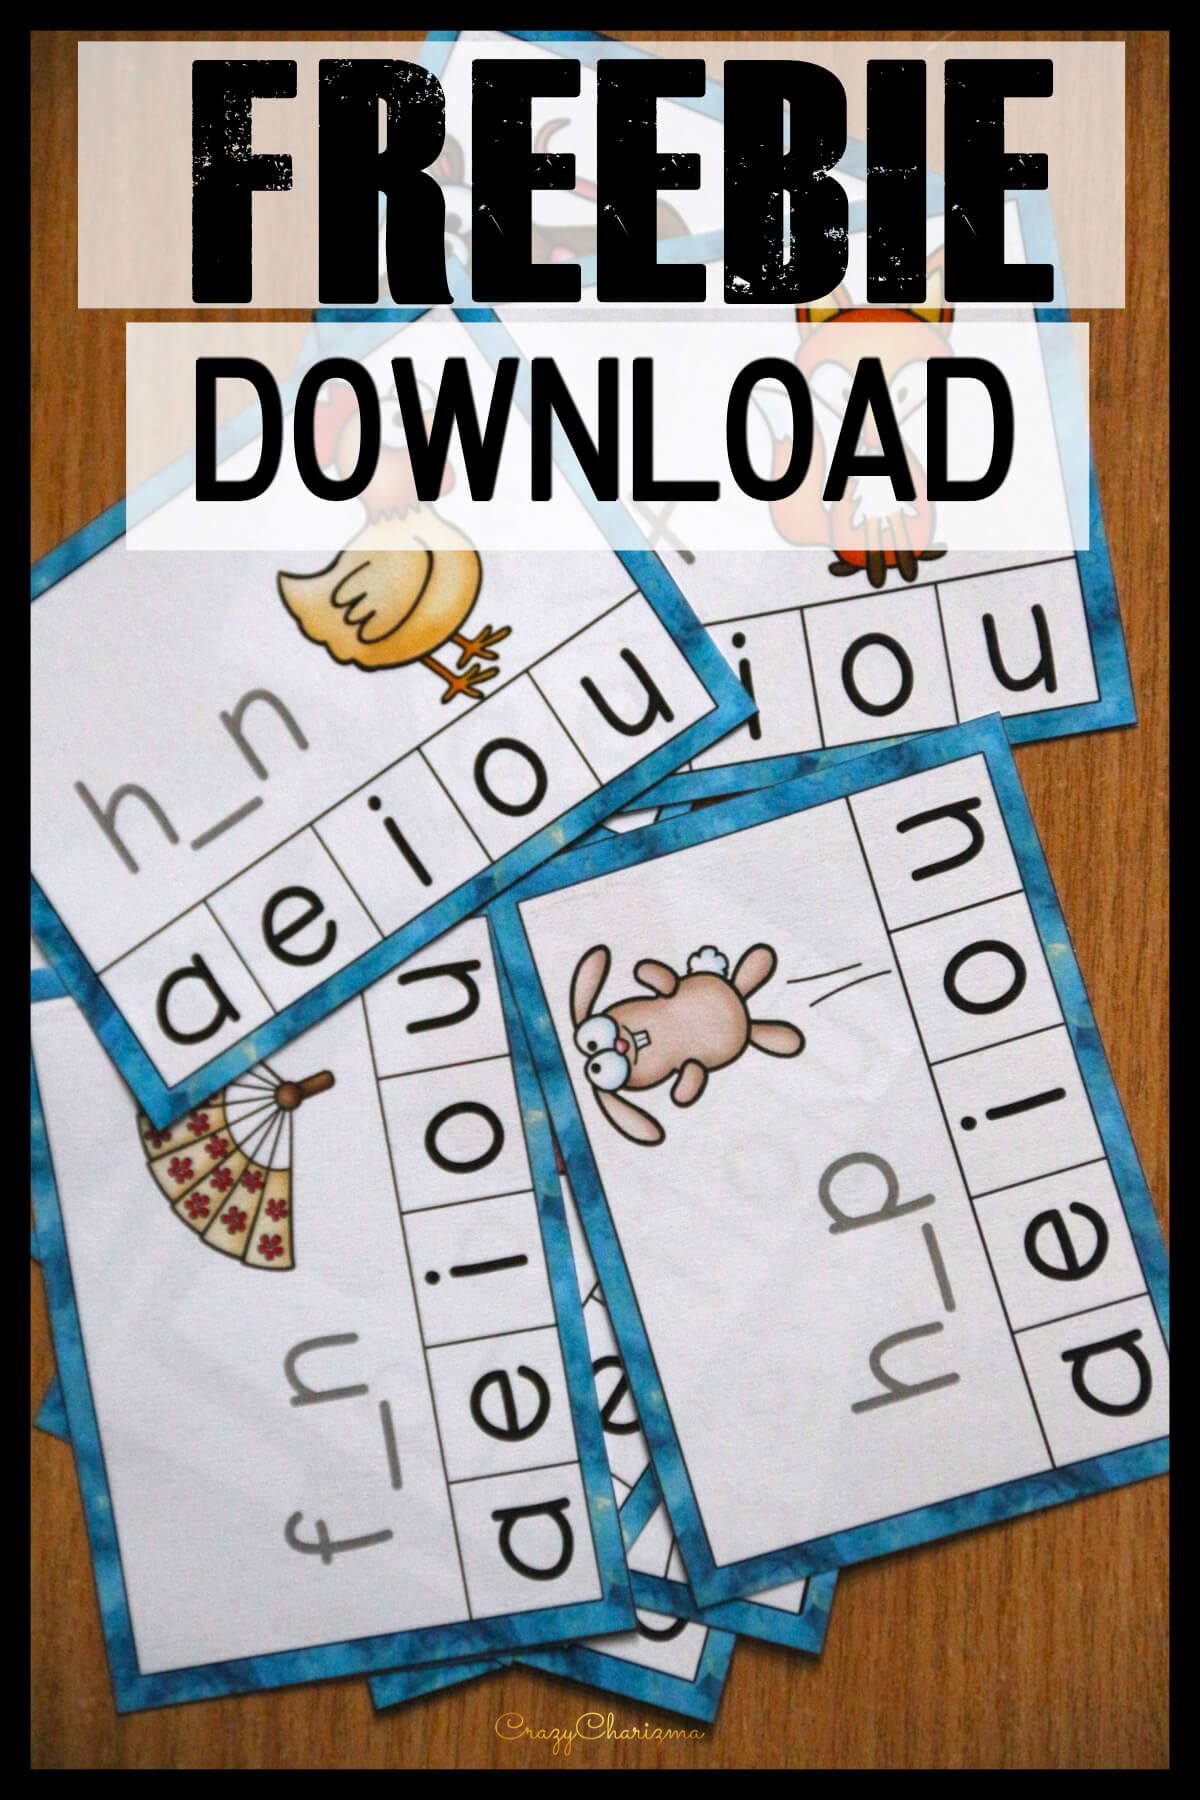 Free Phonics Printables Kindergarten First Grade Word Families Preschool Activities Fun Learning Free Phonics Printables Phonics Free Cvc Word Activities [ 1800 x 1200 Pixel ]